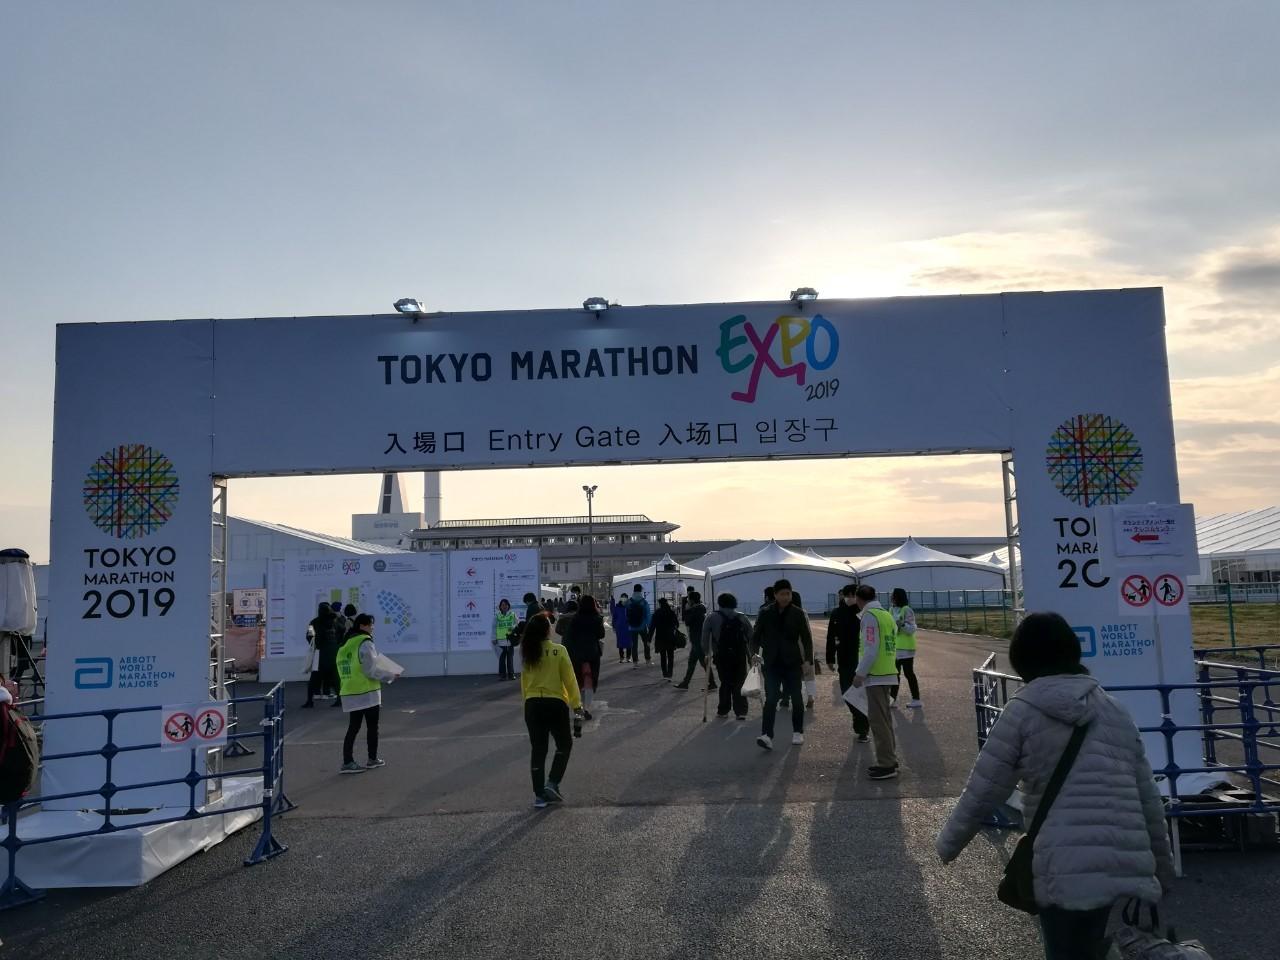 東京マラソン expo_190304_0081